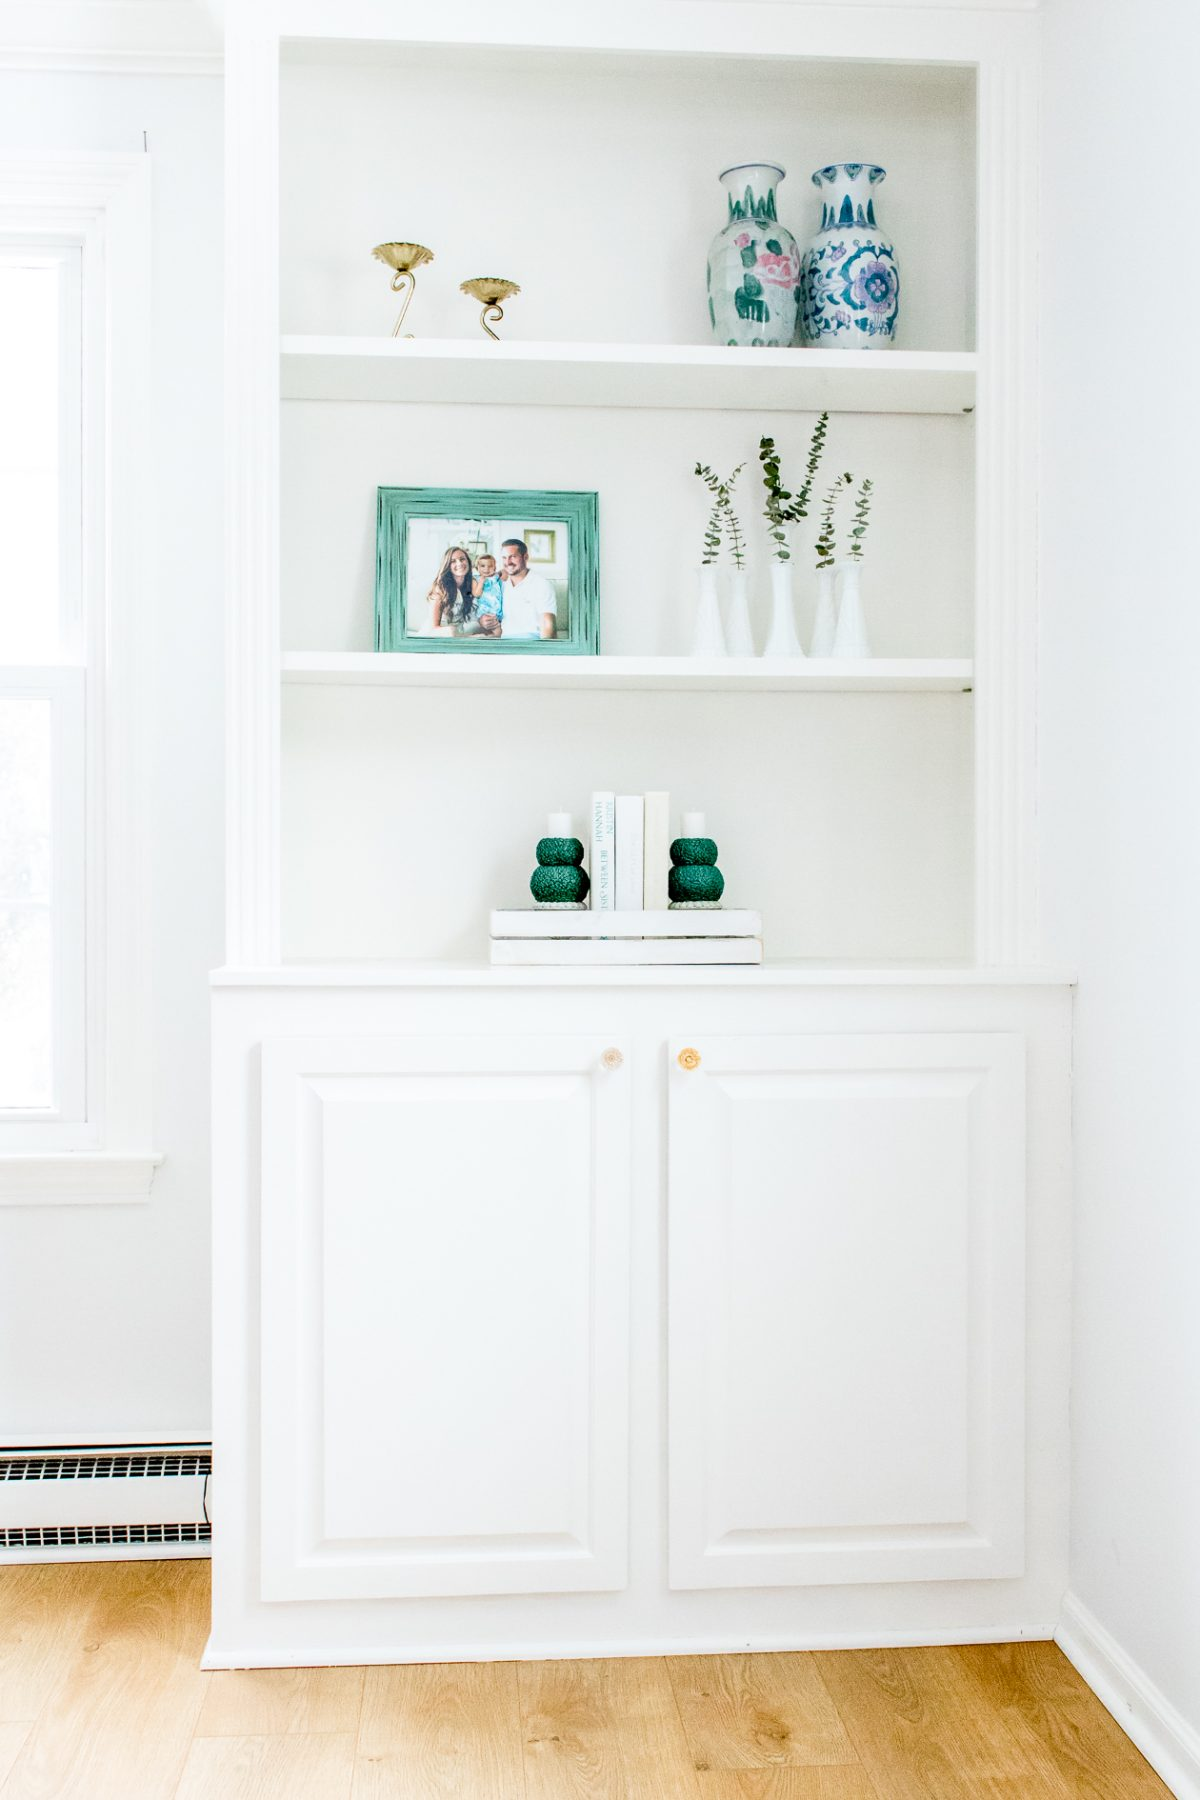 Spring Shelf Decor on White Built-Ins